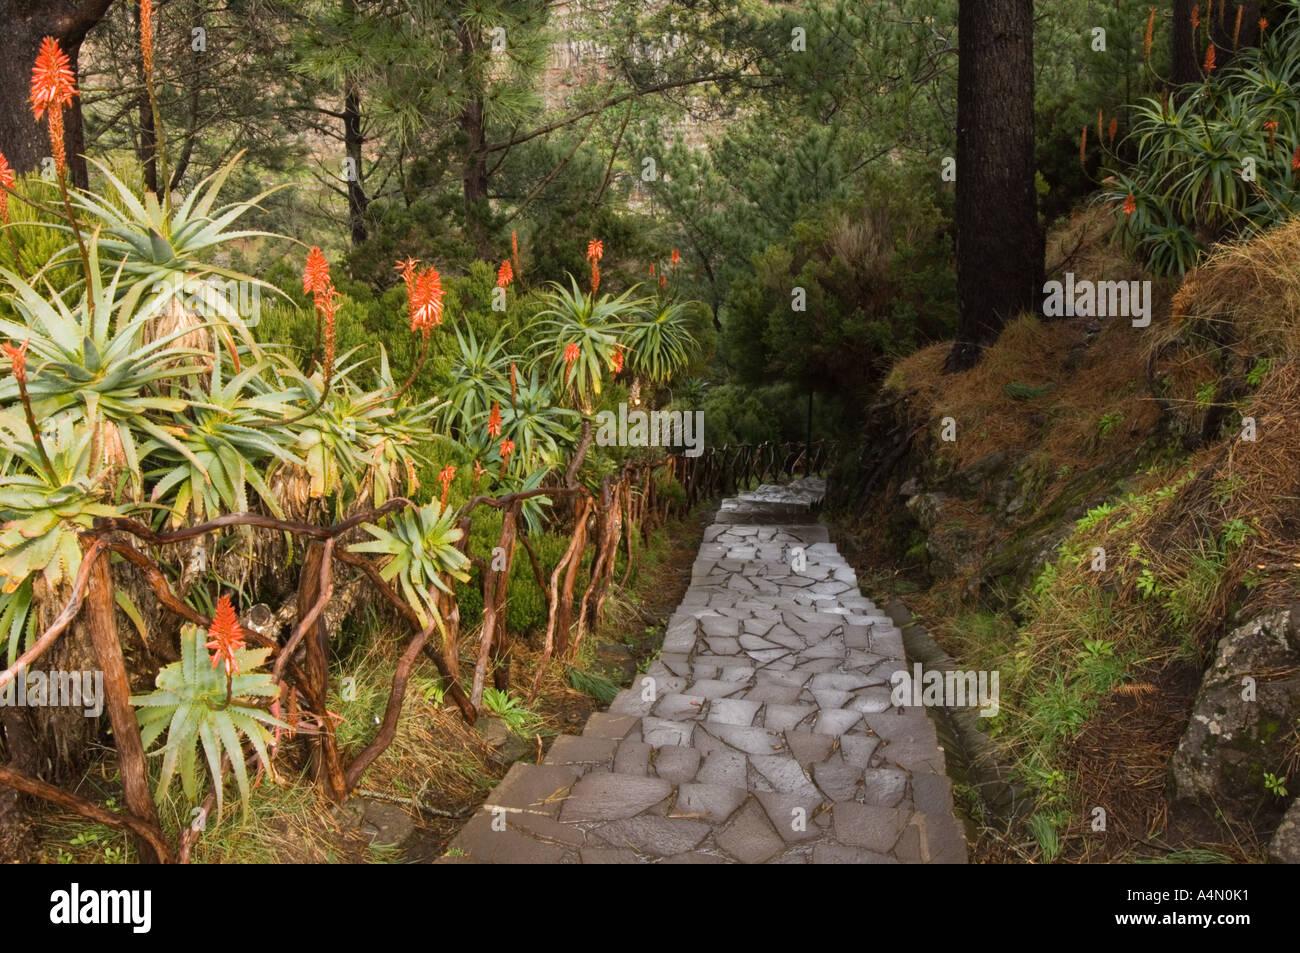 Walkway to miradouro at Eira do Serrado, Madeira, Portugal, Europe - Stock Image